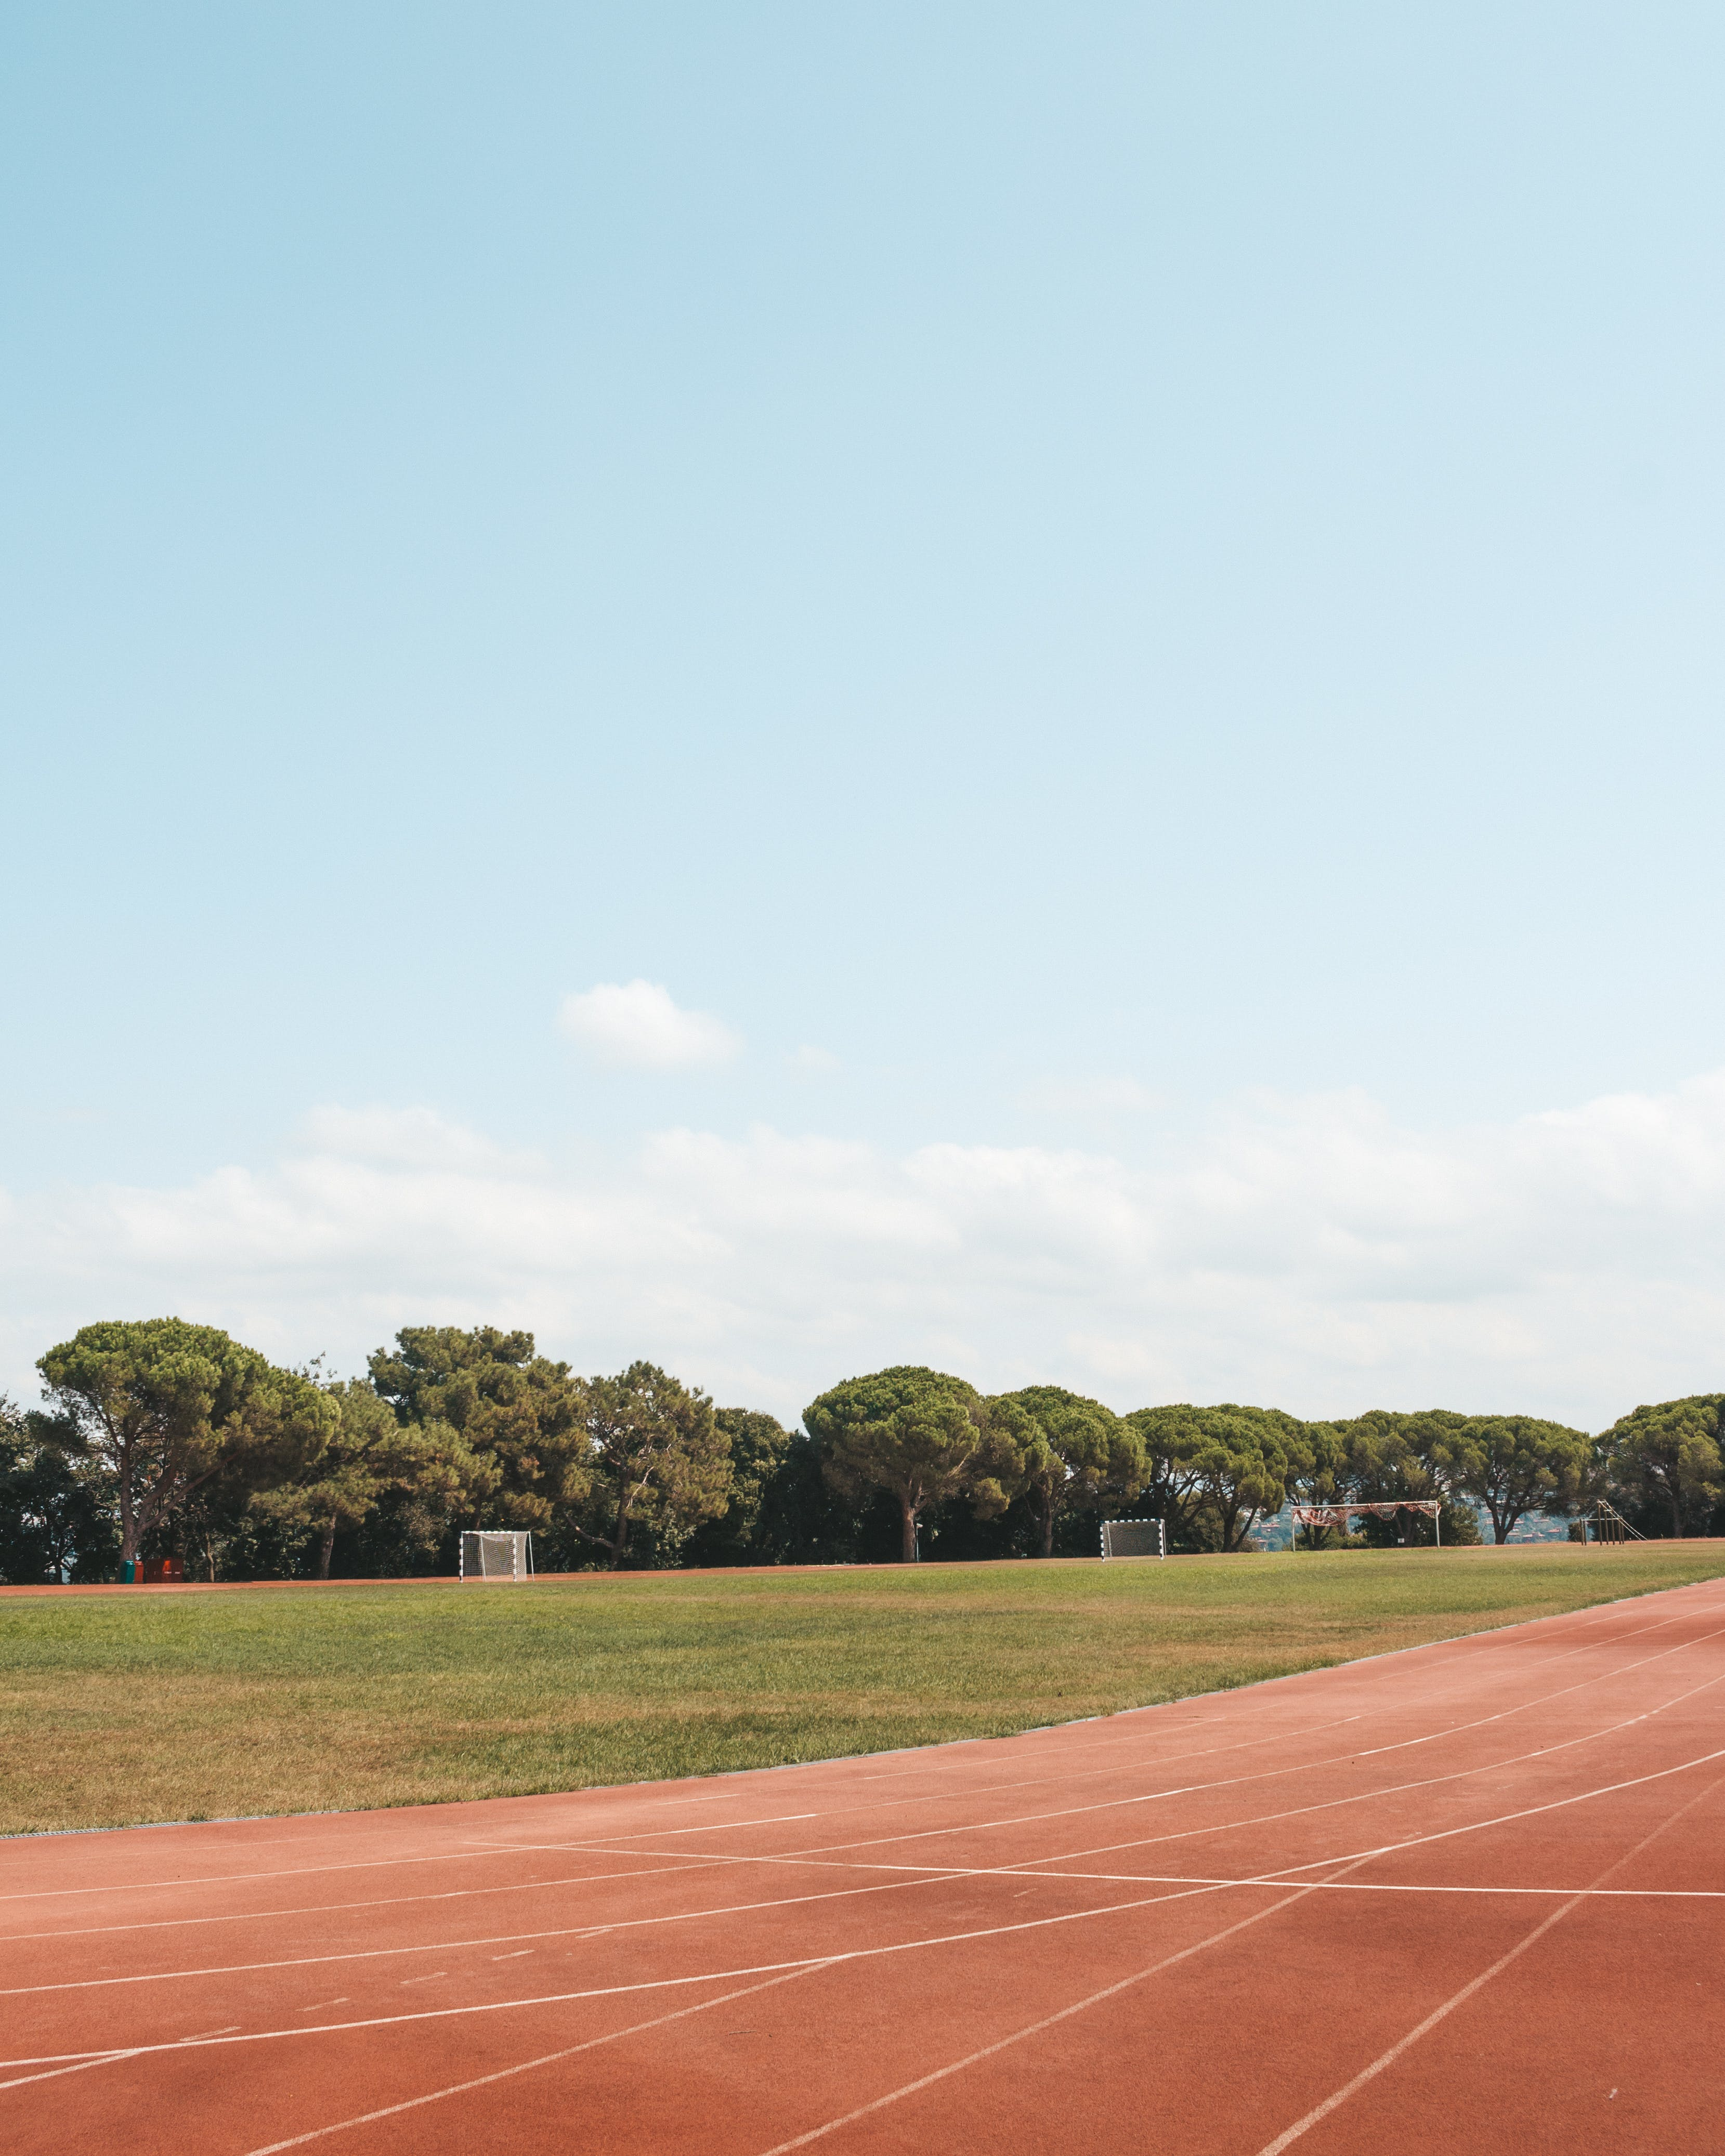 de área, track and field